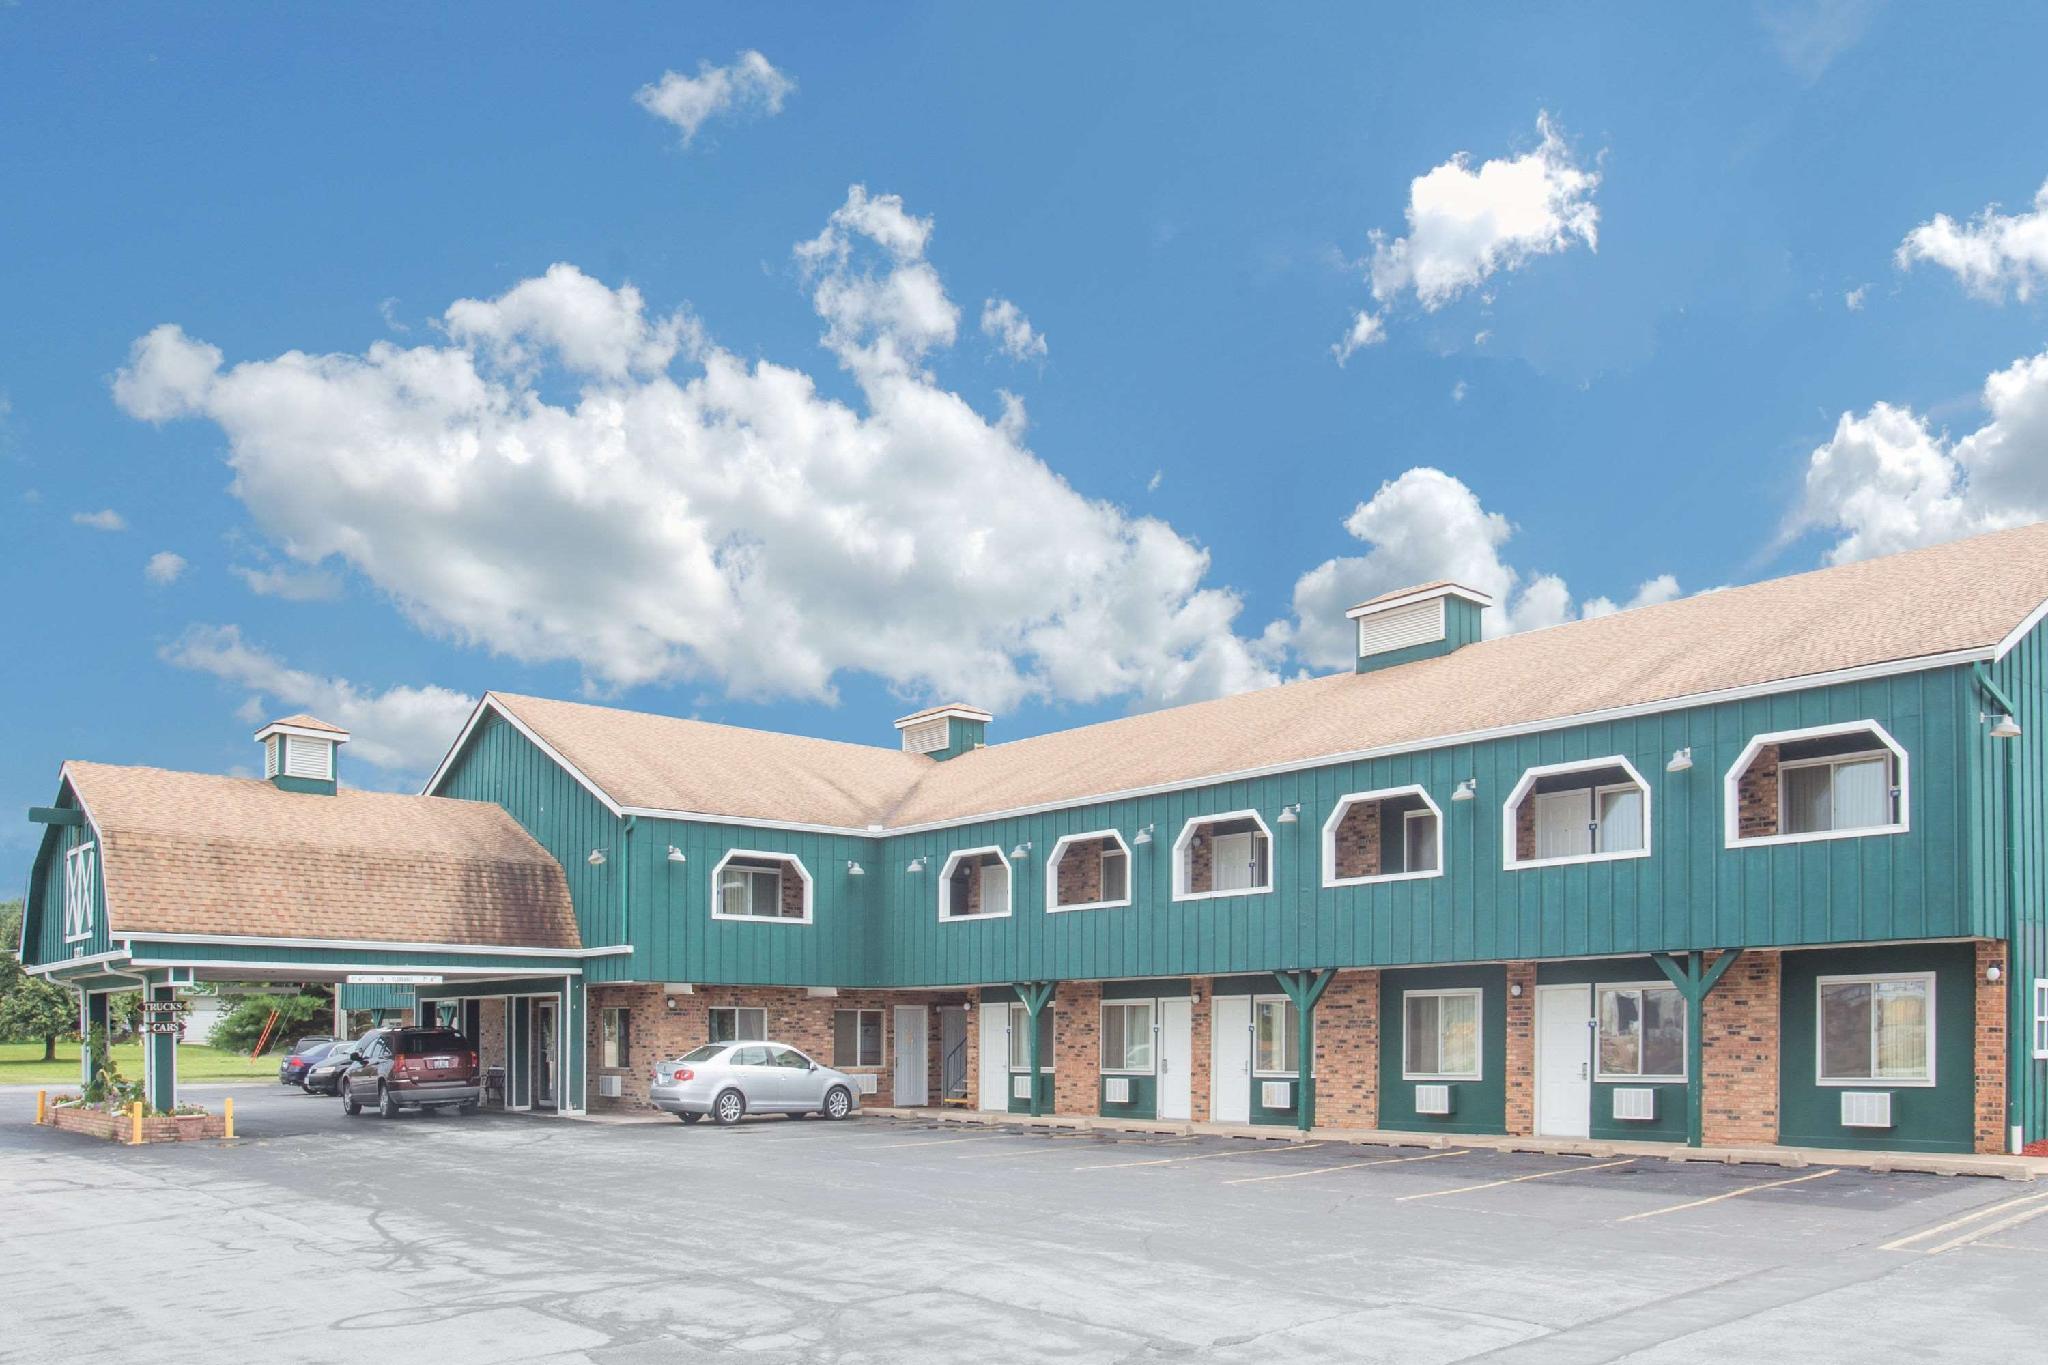 Days Inn by Wyndham Davenport IA, Scott